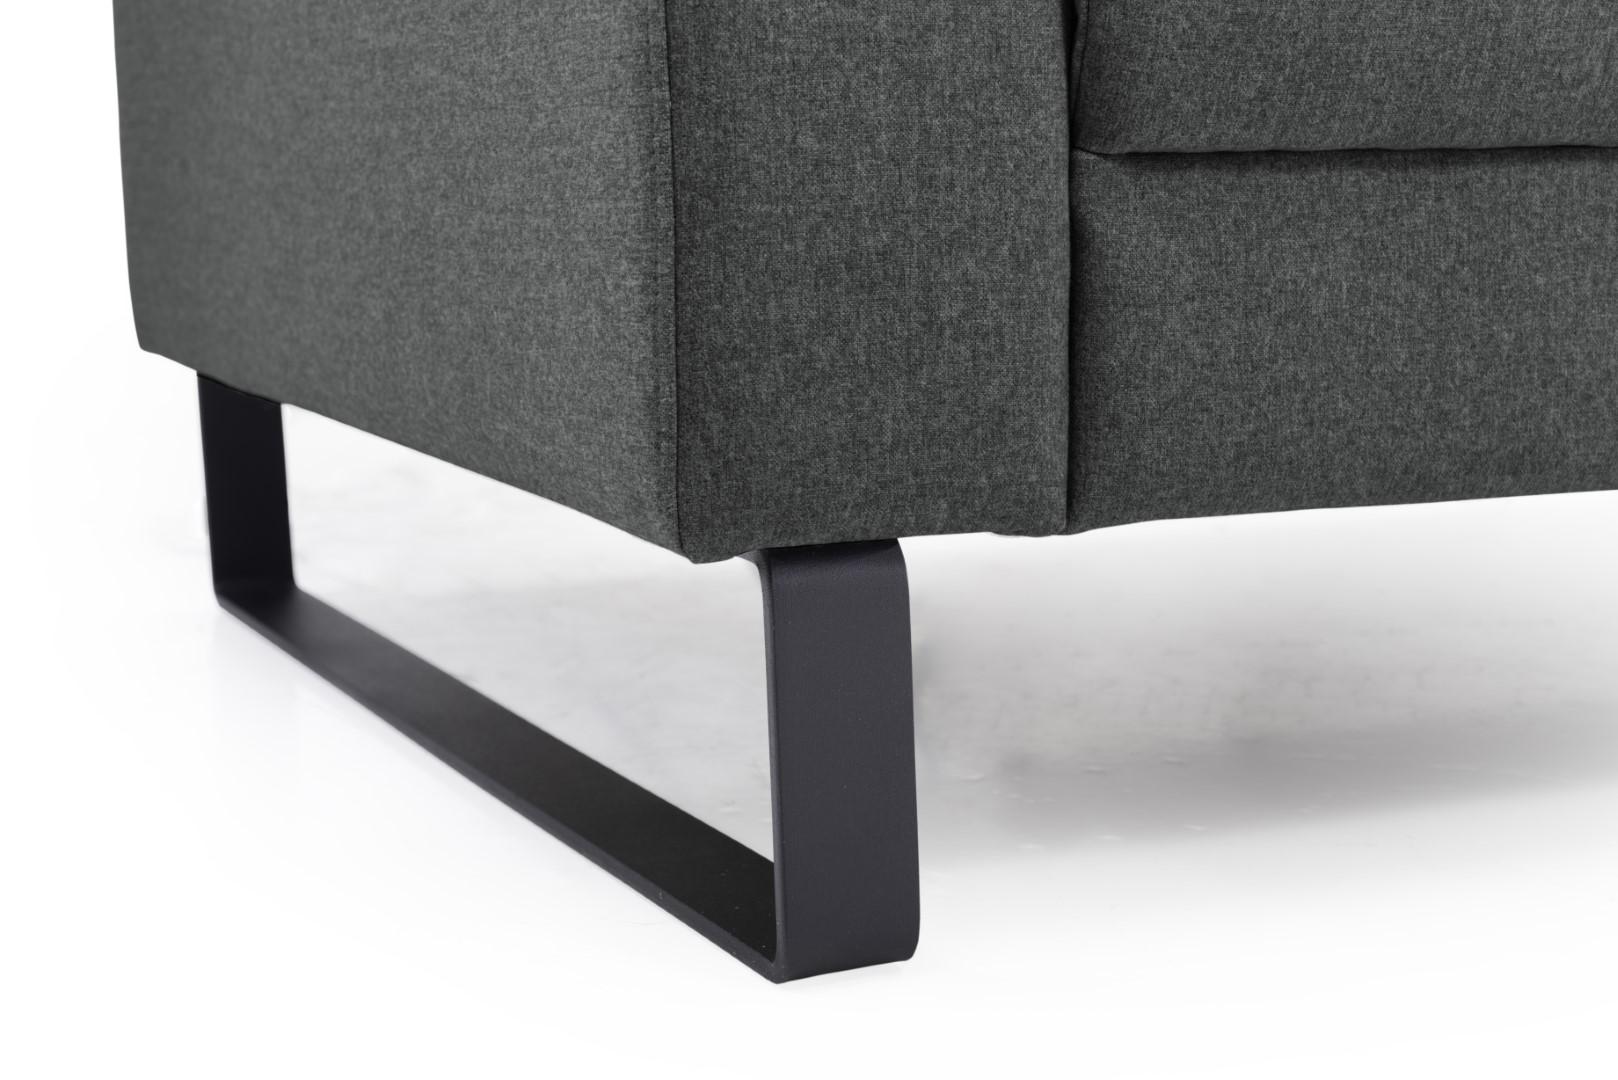 Marvelous Plaza Slide Leg 3 2 Dark Grey Sofa Scandinavian Style Pdpeps Interior Chair Design Pdpepsorg